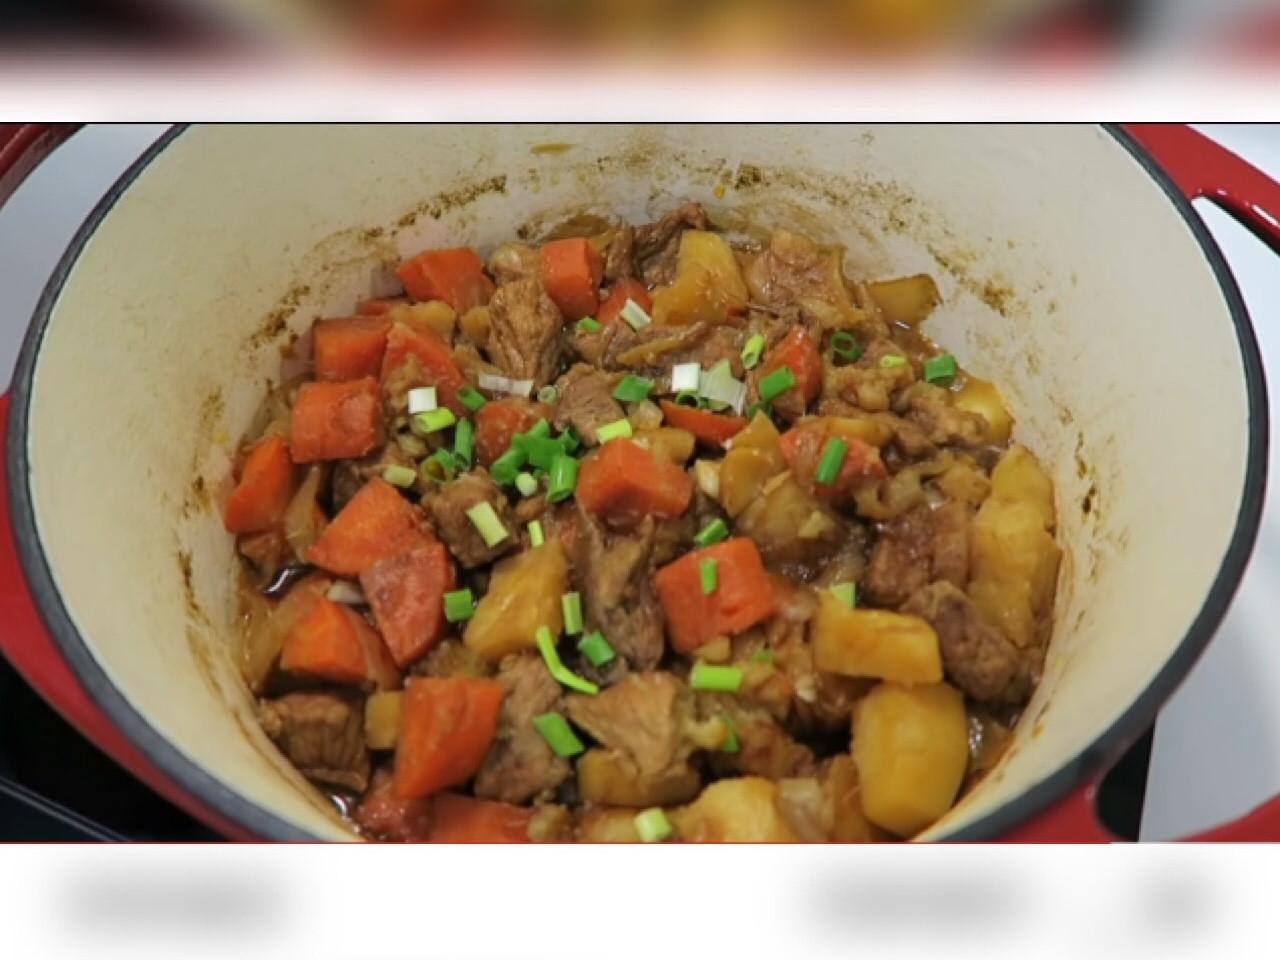 【簡單料理】快速上手 馬鈴薯燉肉